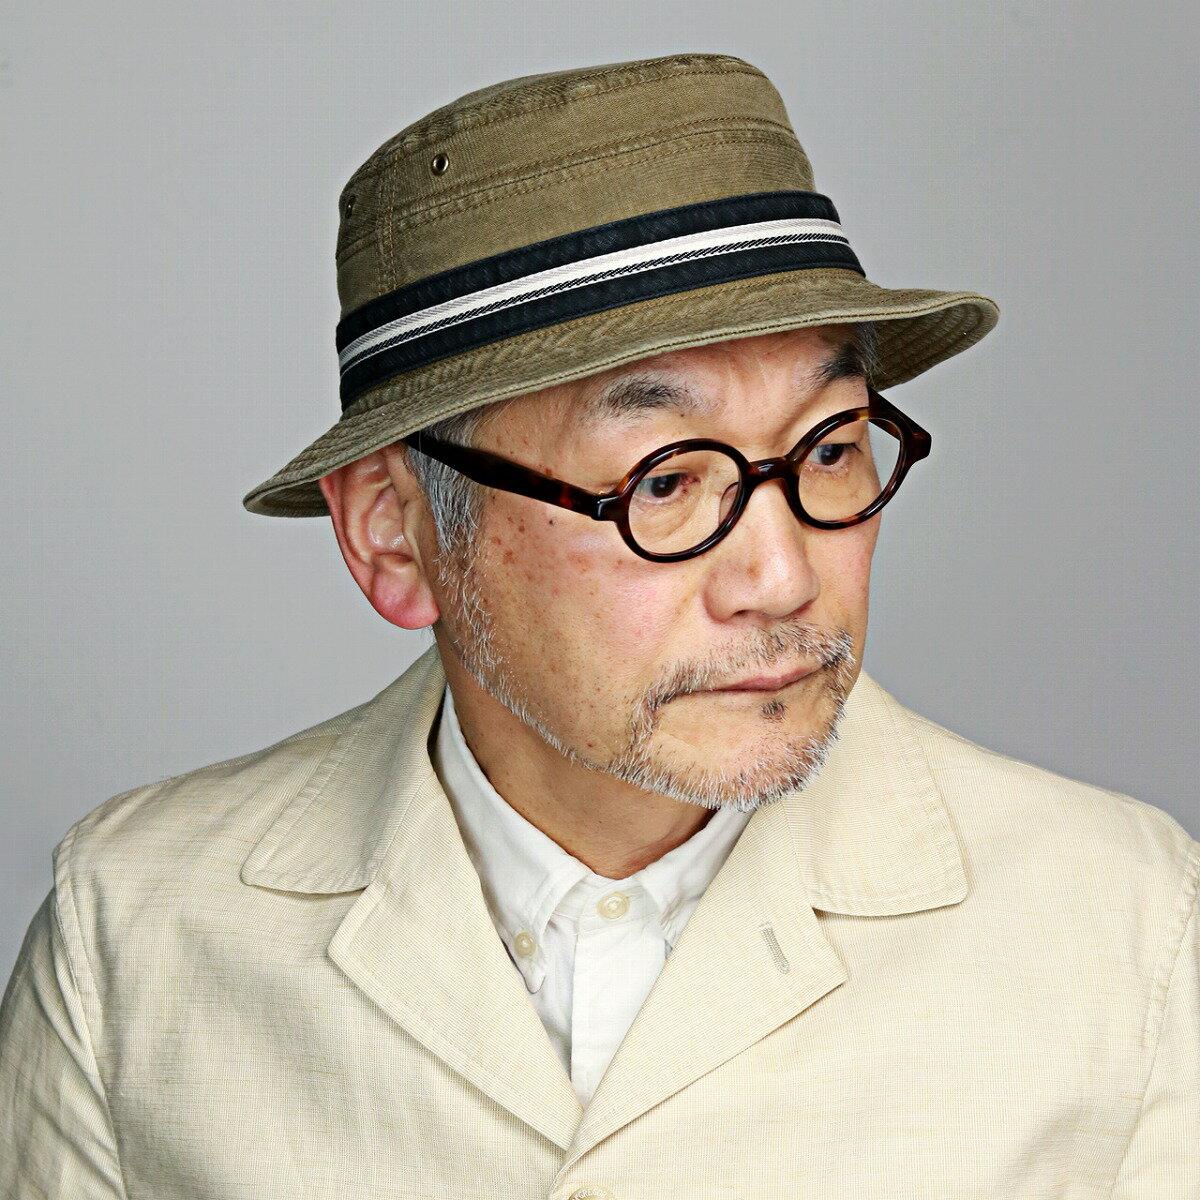 KNOX メンズ 帽子 サハリ ハット 大きいサイズあり 日本製 ジンコード バイオウォッシュ 春夏 ノックス 紳士 サファリ バケットハット レディース アメリカ 有名ブランド XL 60cm 59cm 茶 ベージュ[ bucket hat ]父の日 ギフト プレゼント